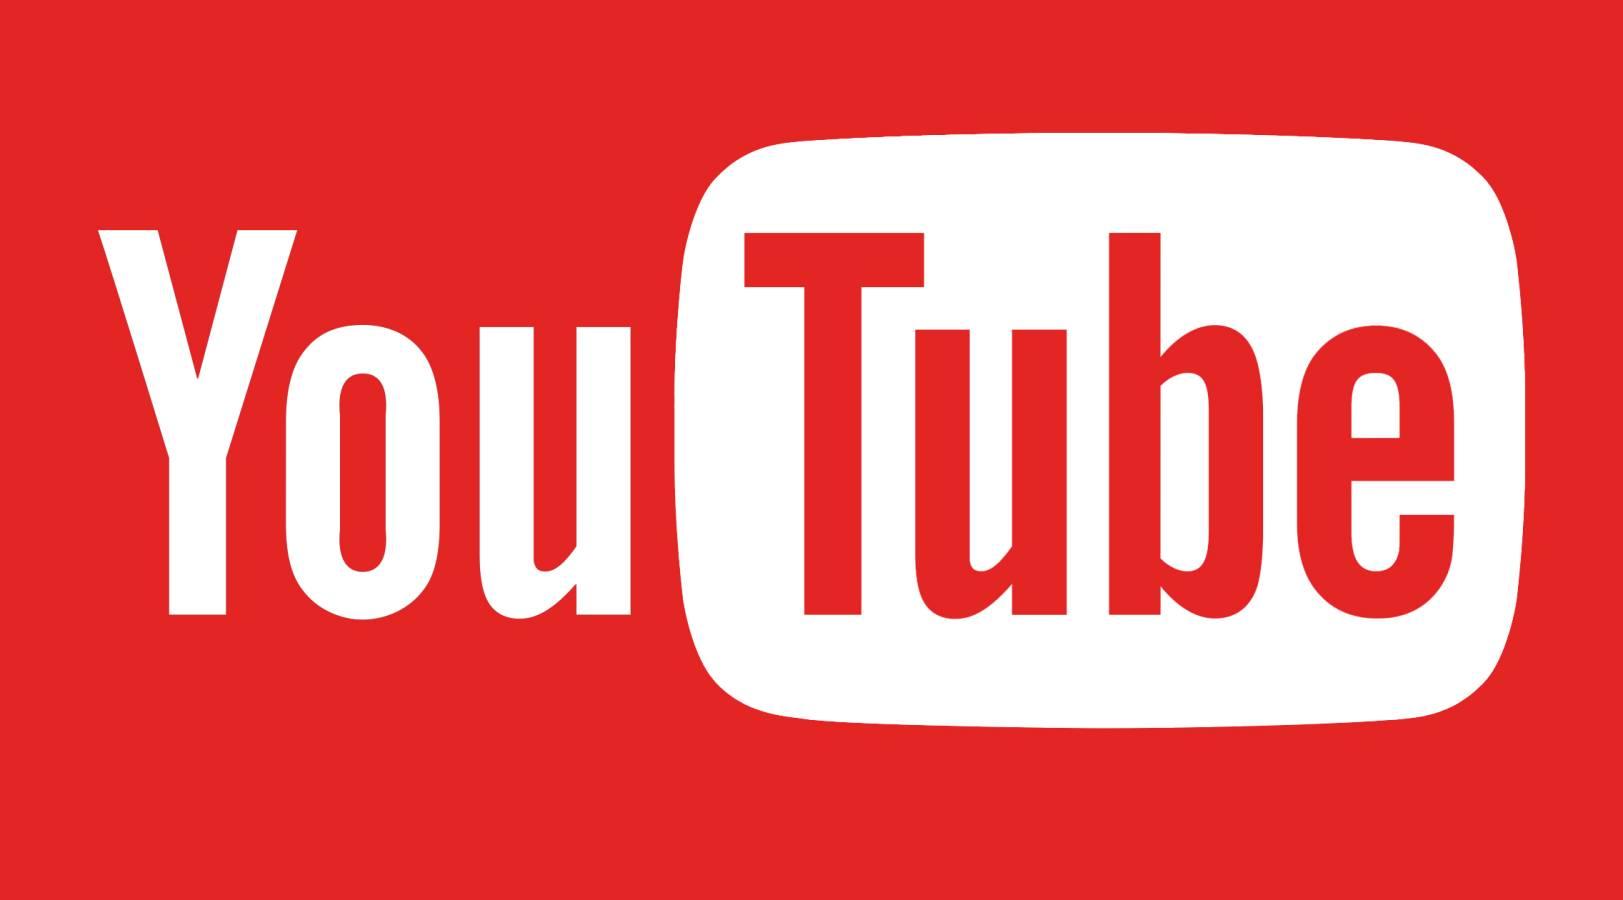 YouTube radical coronavirus